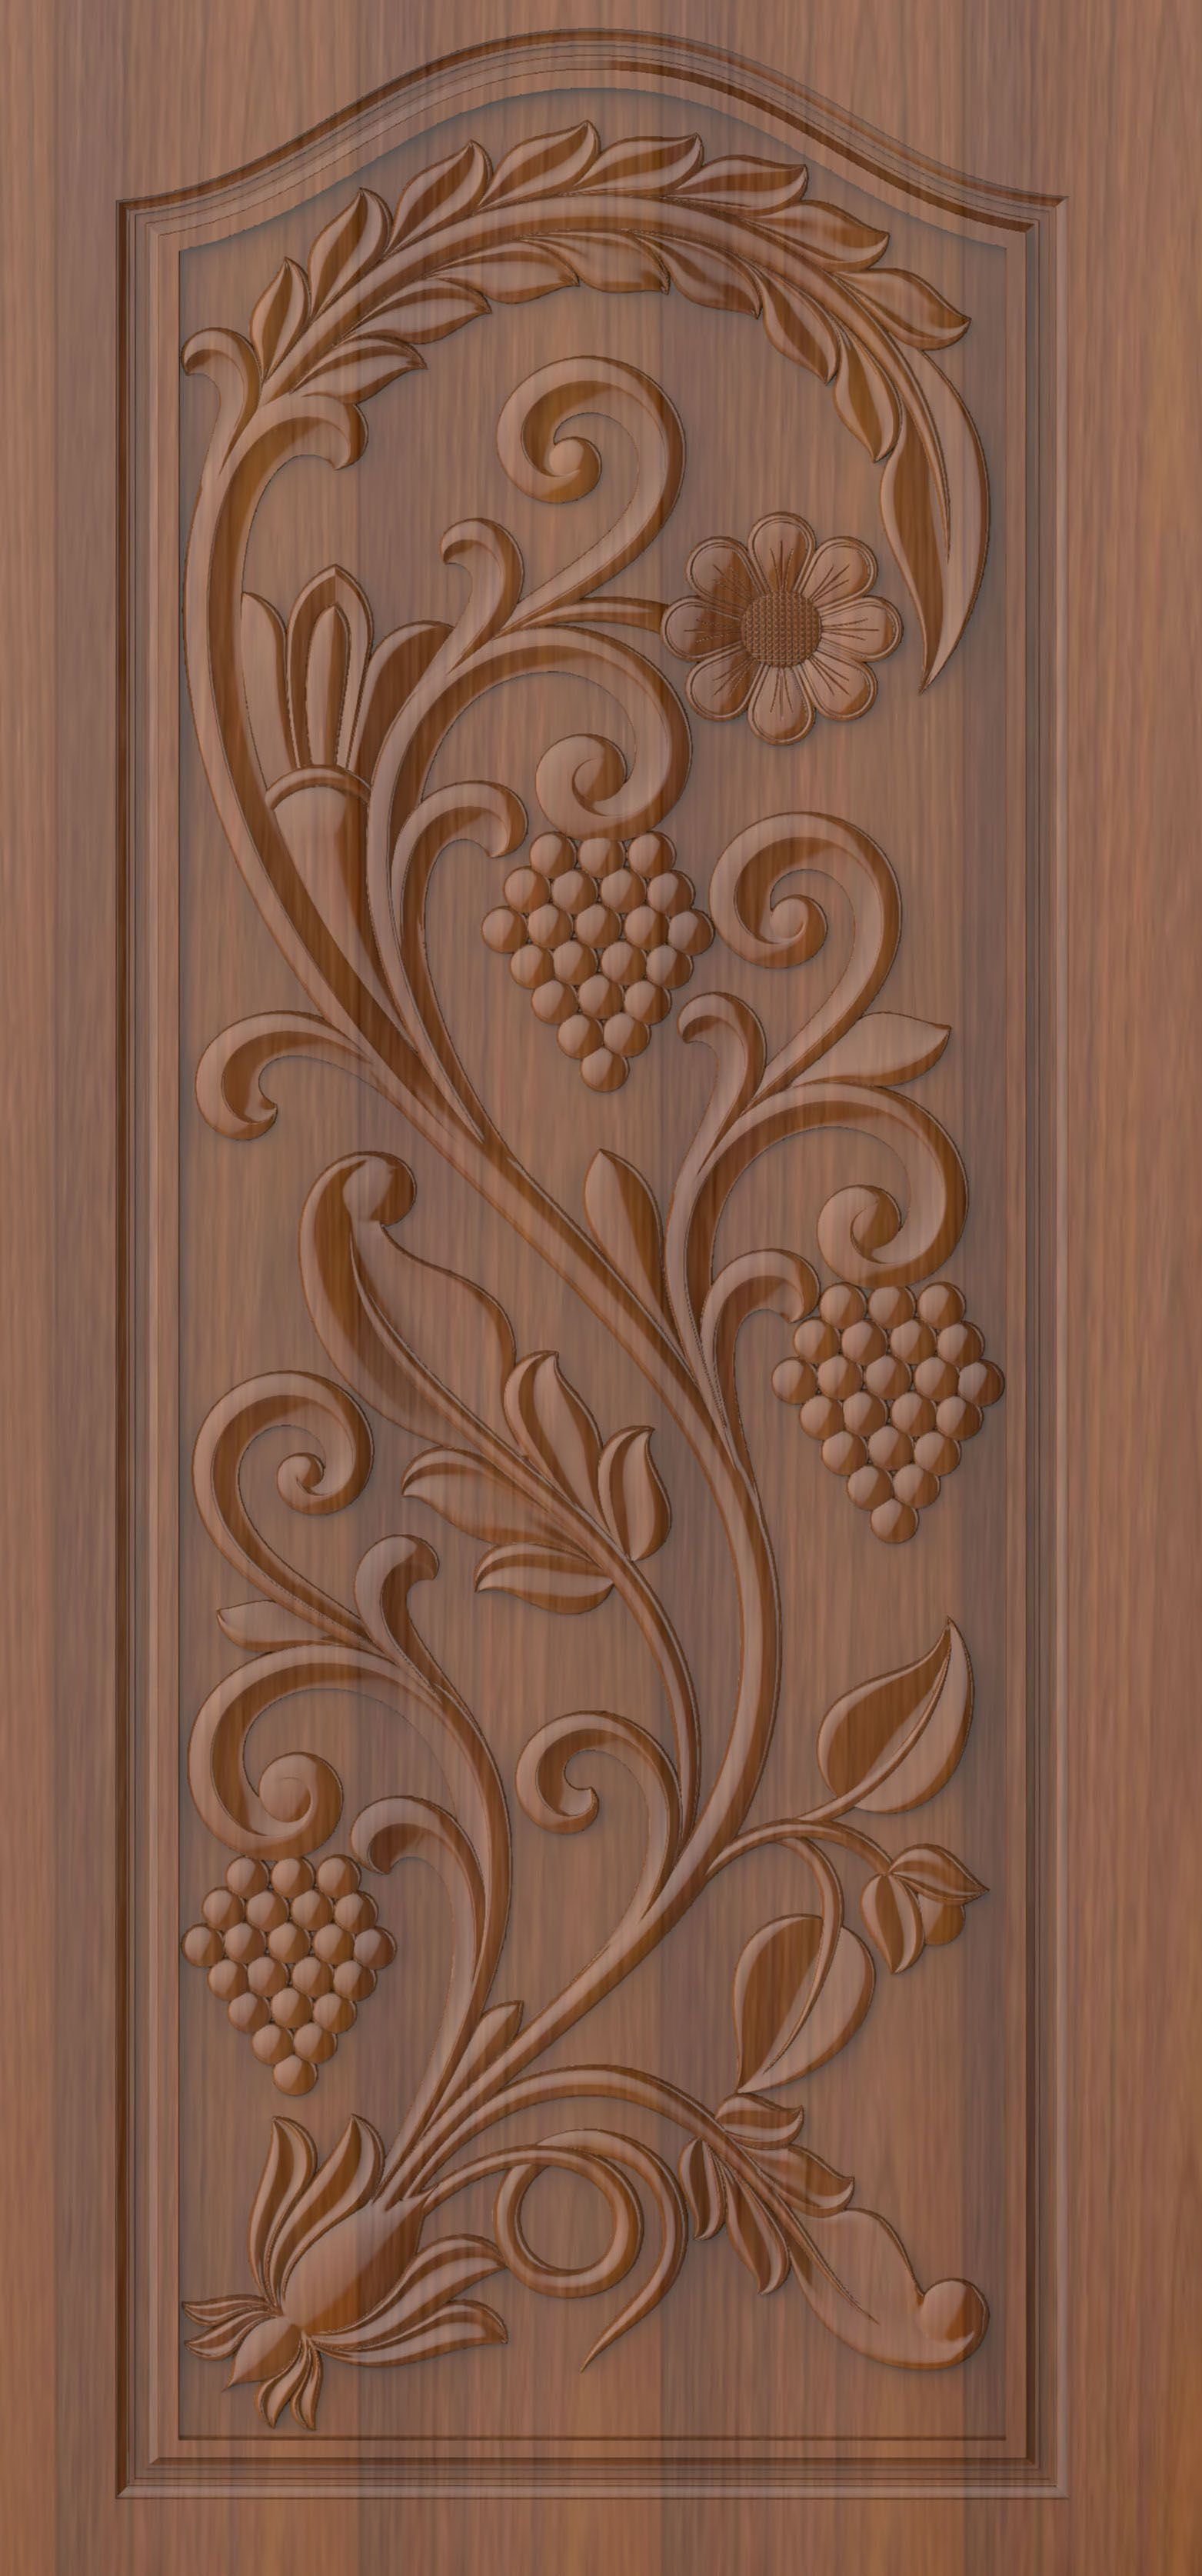 65 Modern Door Designs In 2020 Door Design Wood Single Door Design Wooden Main Door Design